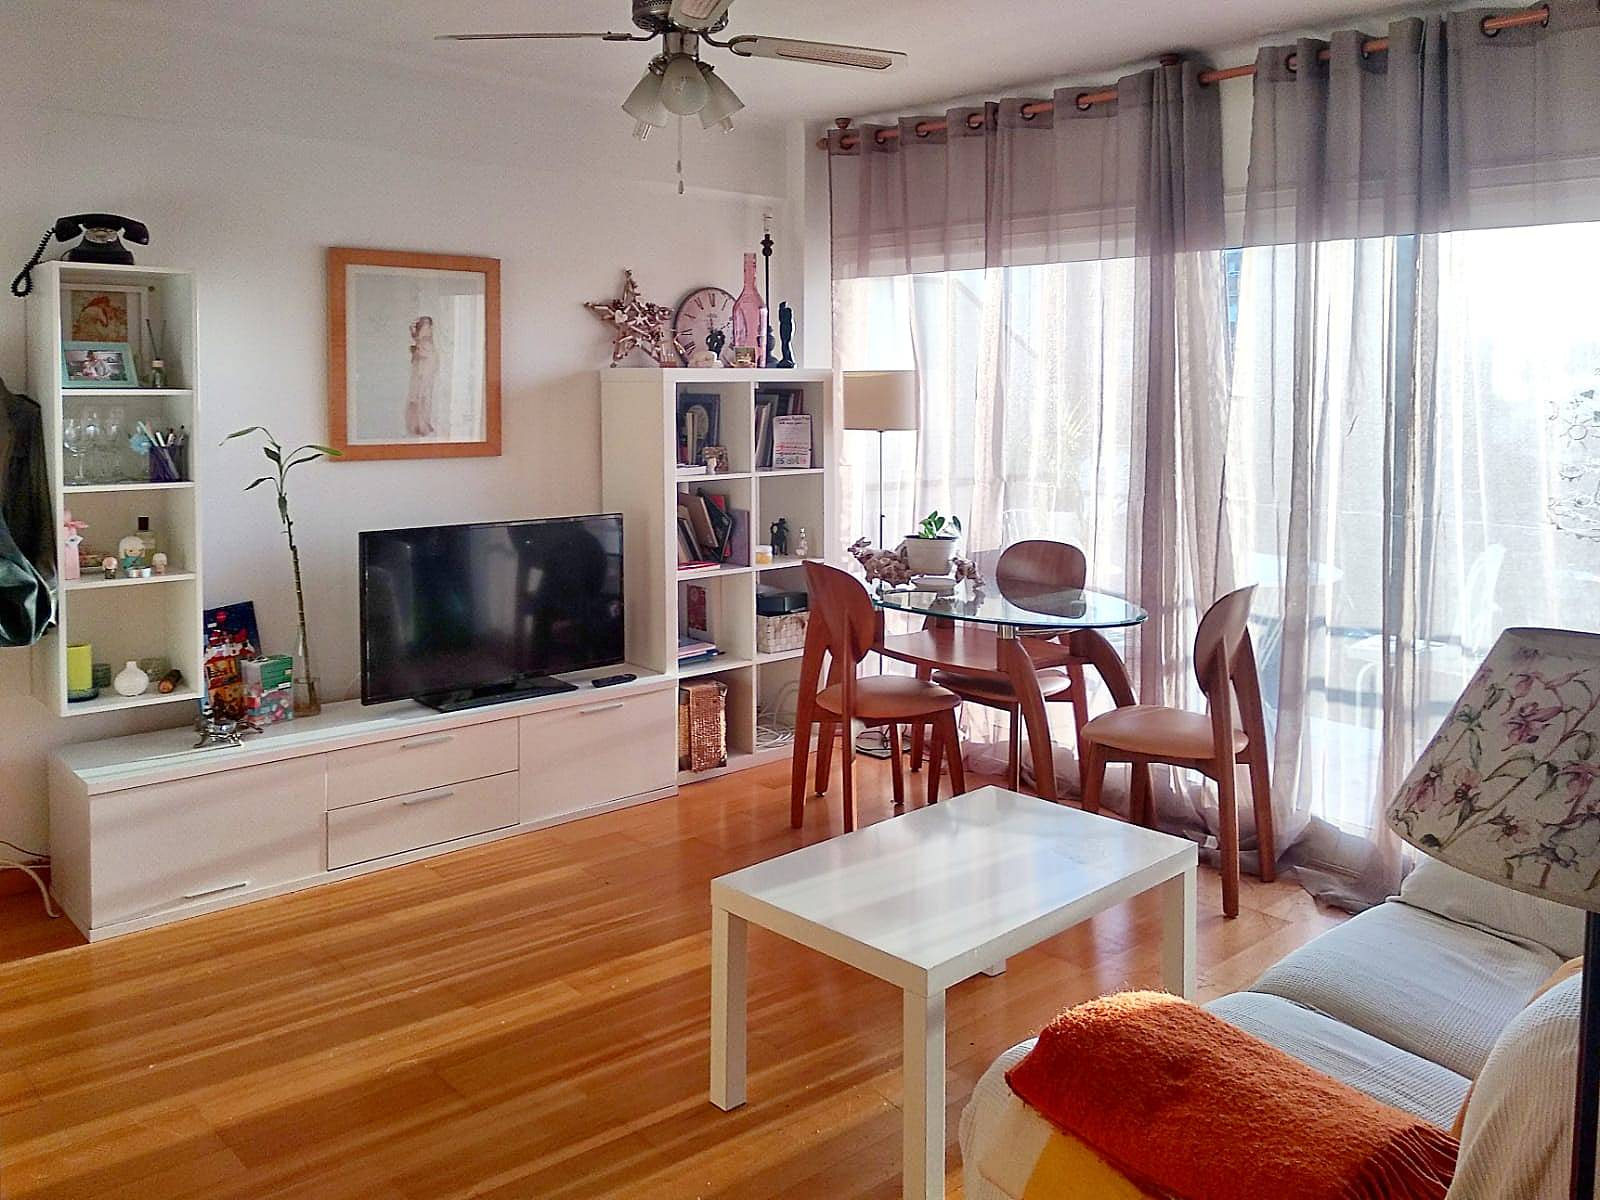 Alquiler apartamentos vacacionales en cabrera de mar barcelona y casas rurales - Alquiler casas rurales barcelona ...